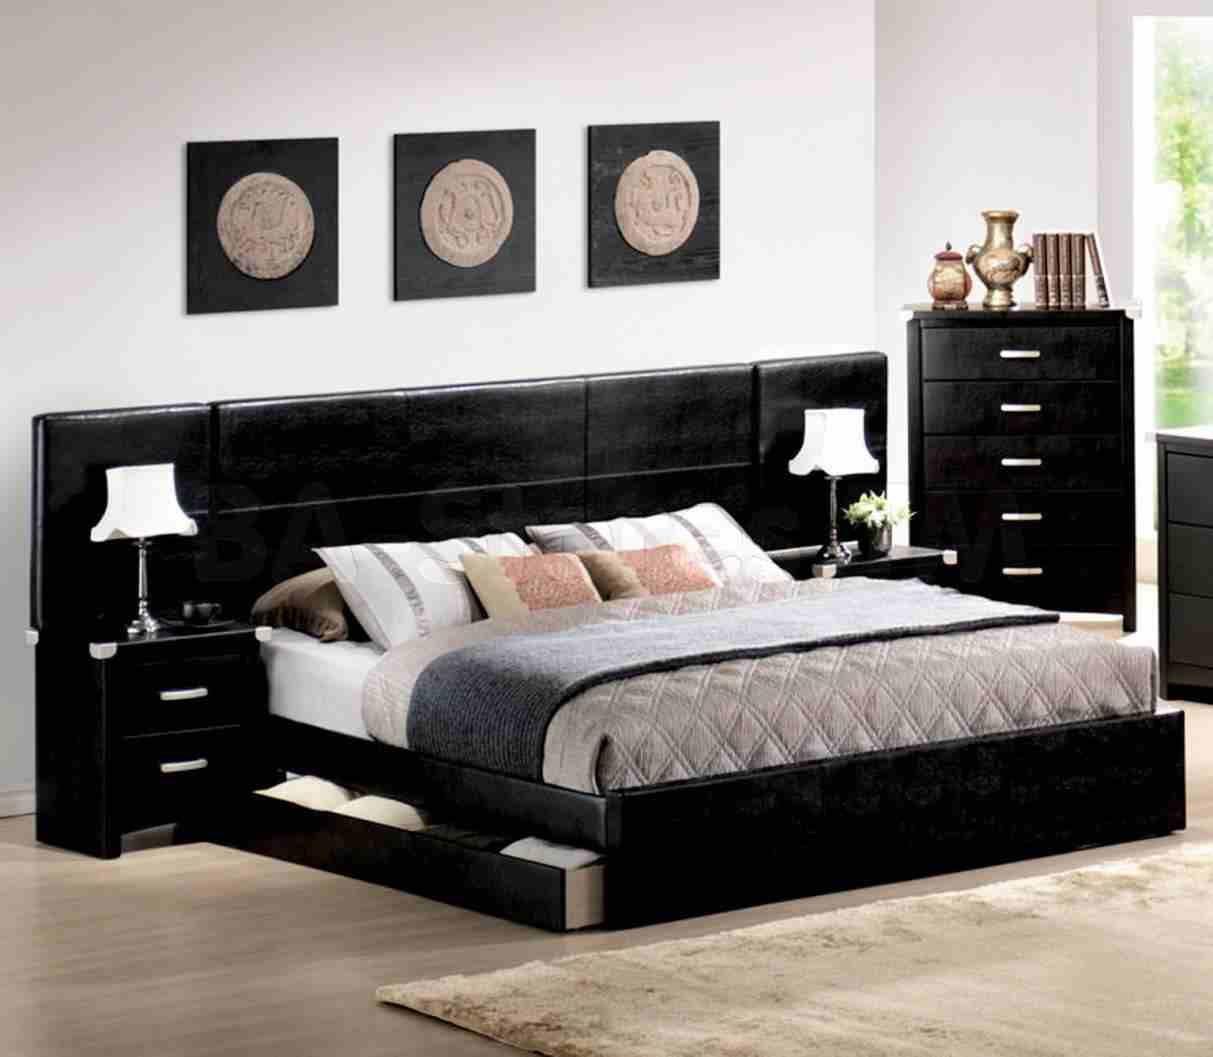 Furniture For Bedroom Indian Bedroom Furniture Sets Bedroom